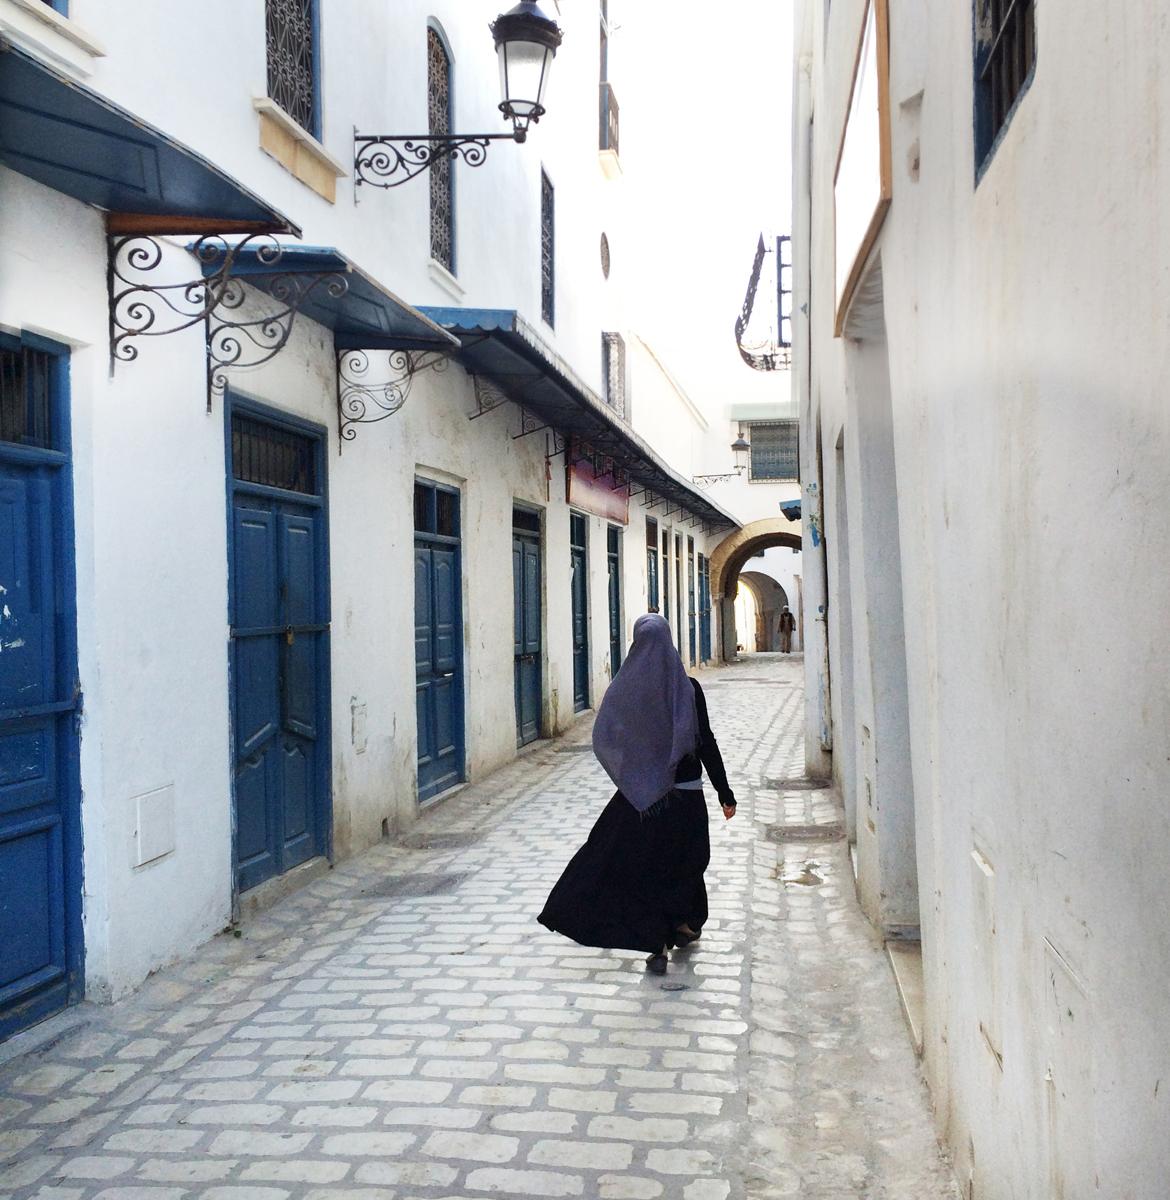 Tunisia_5S_001.jpg